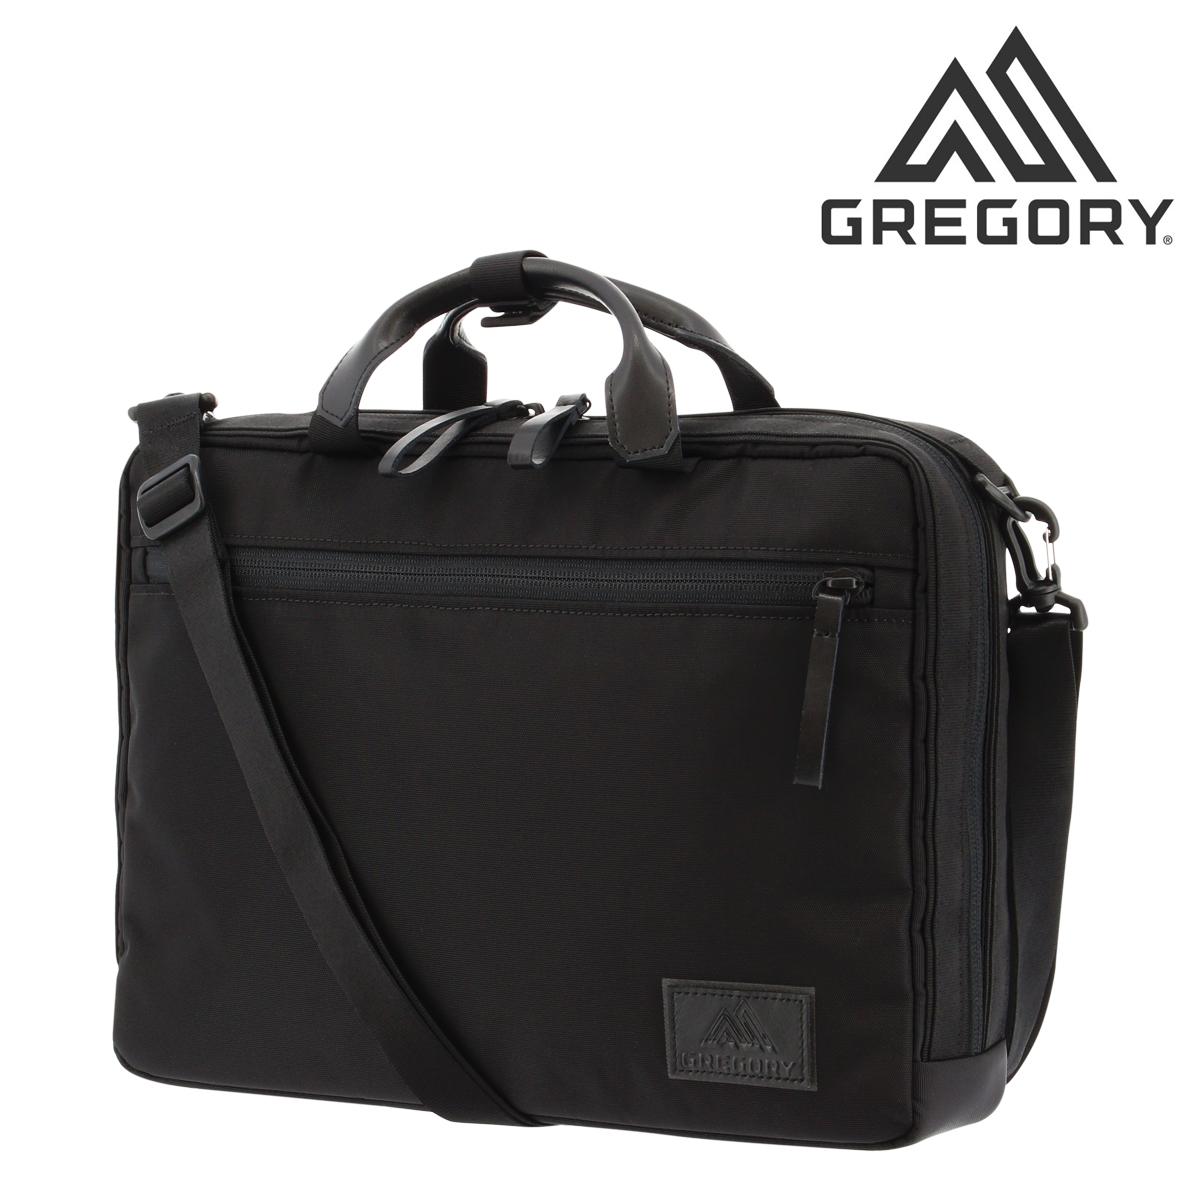 グレゴリー ビジネスバッグ 2WAY A4 メンズPLG-408 GREGORY | ブリーフケース[PO5][即日発送]